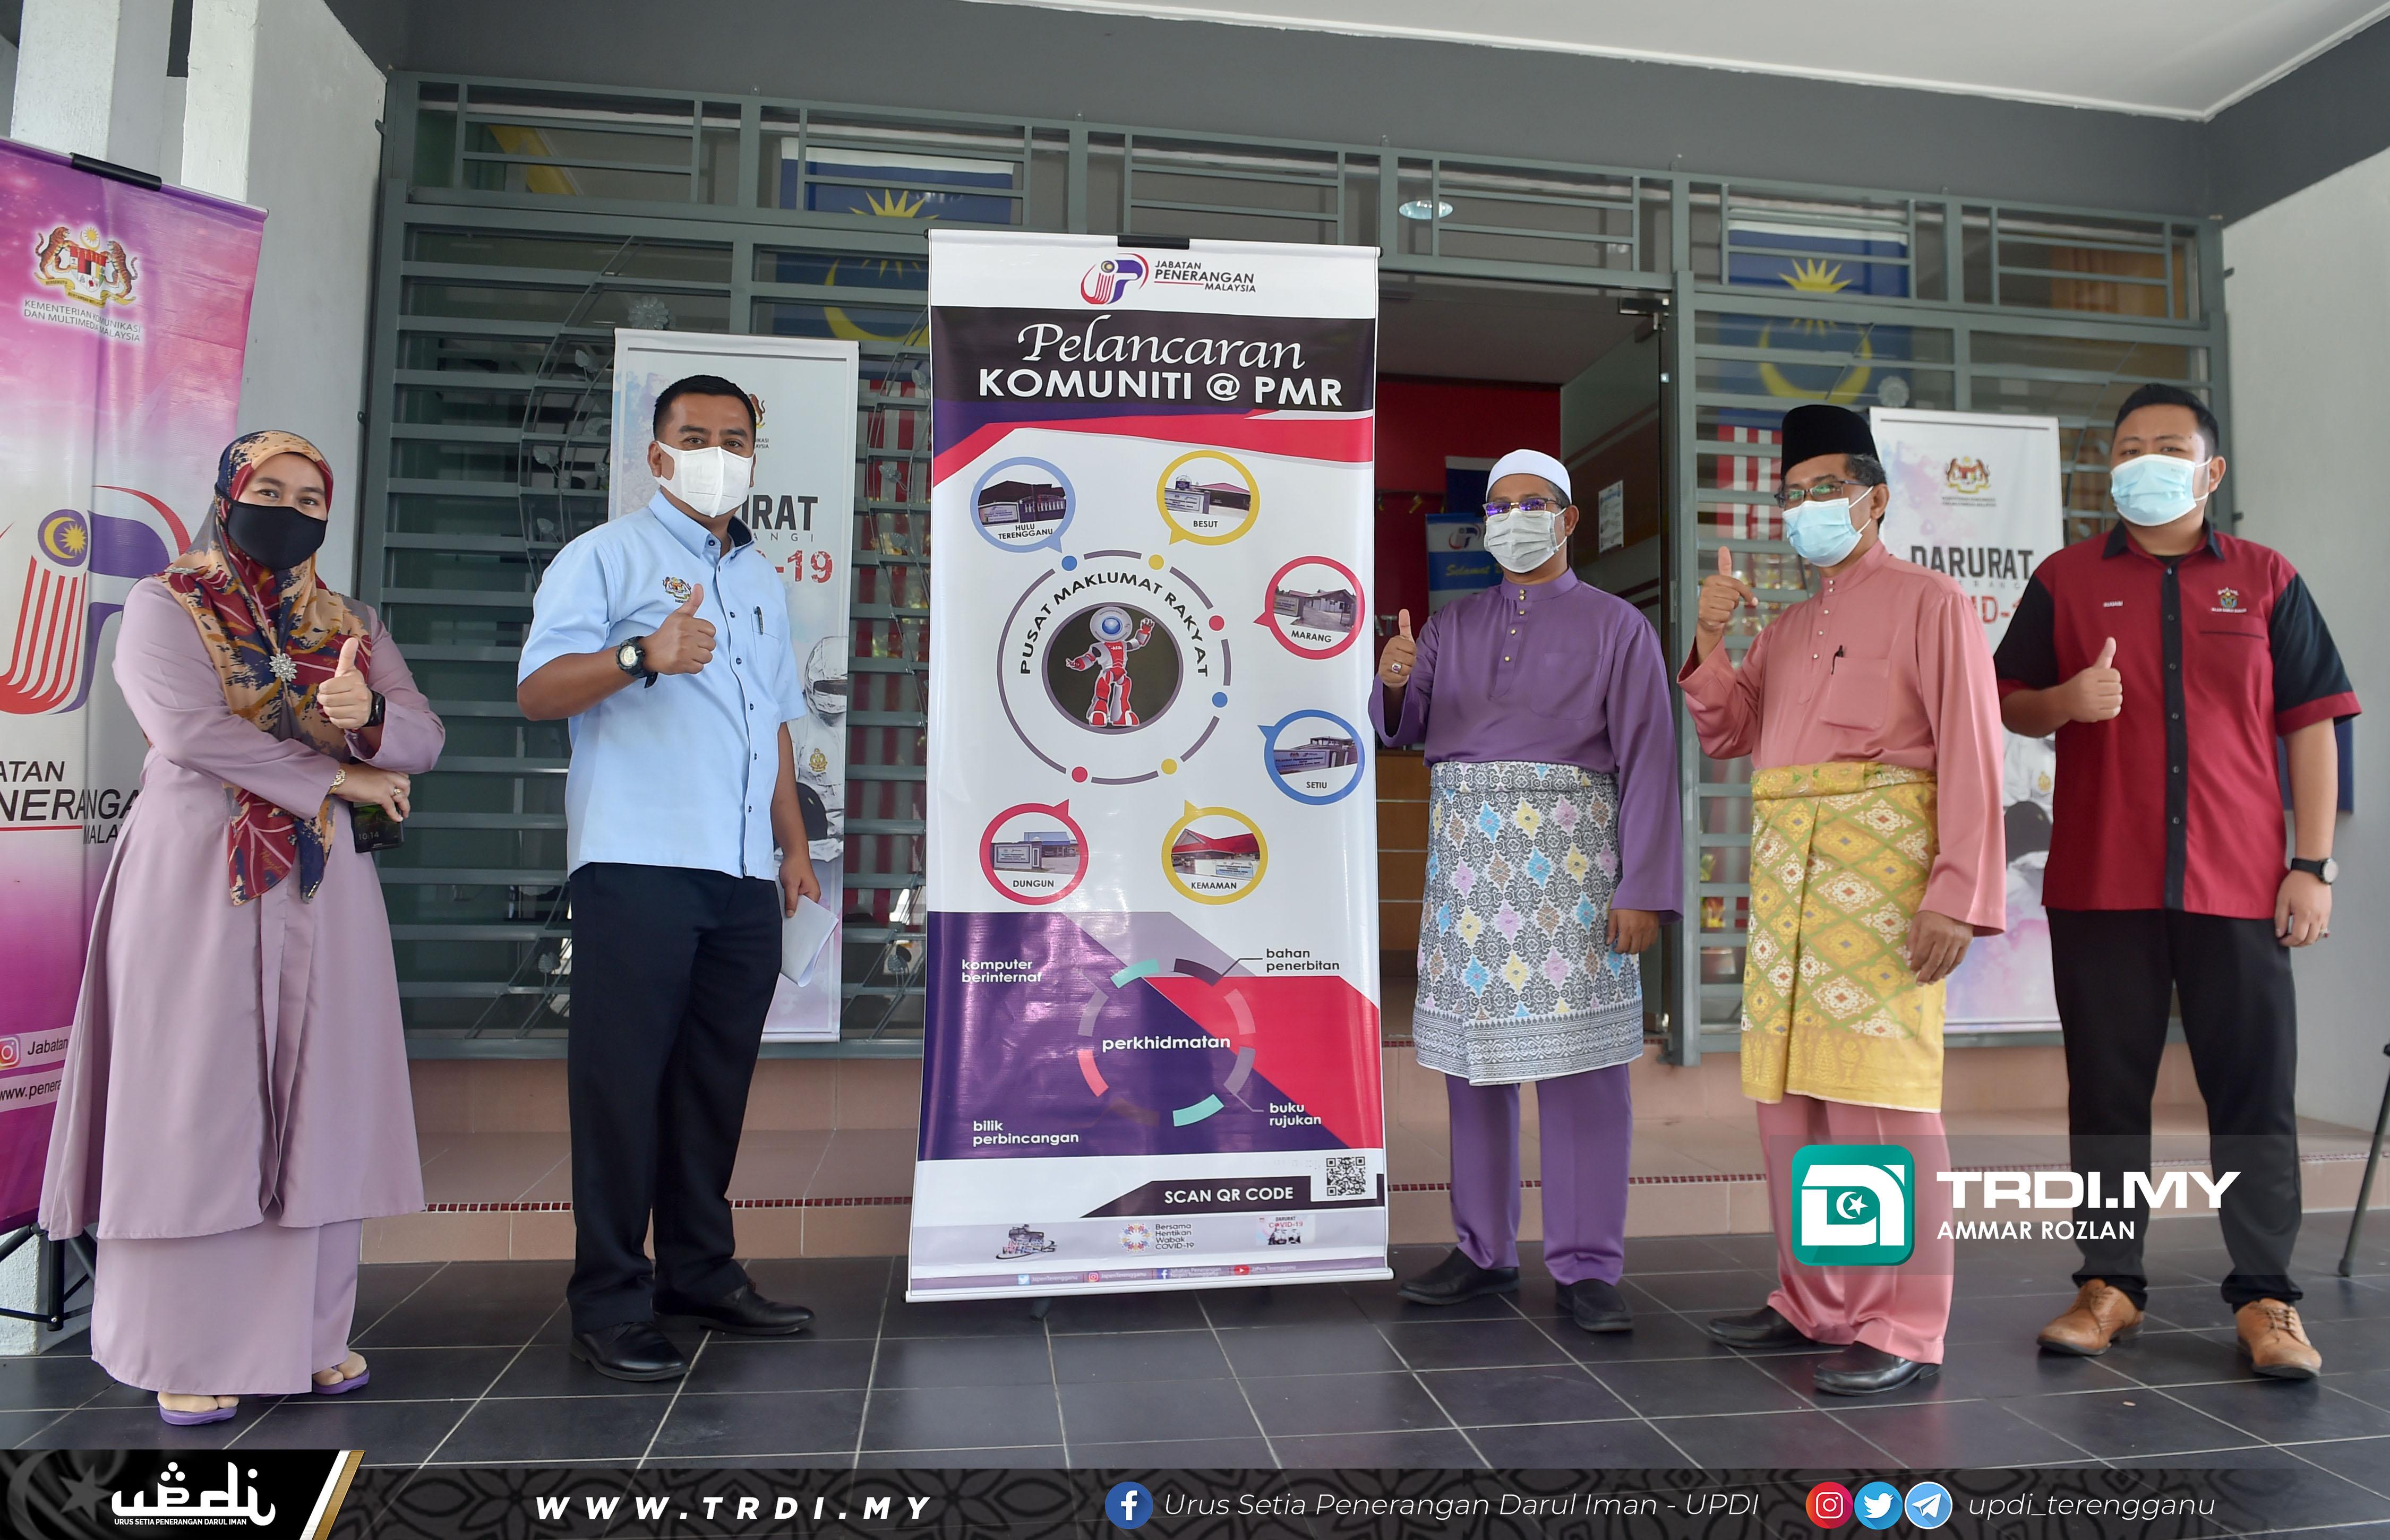 YB Ustaz Mohd Nor bin Hamzah, Pengerusi Jawatankuasa Pembangunan Insan, Dakwah dan Penerangan Negeri menghadiri Program Walkabout Pelancaran Komuniti @ PMR Peringkat Negeri Terengganu Tahun 2021.